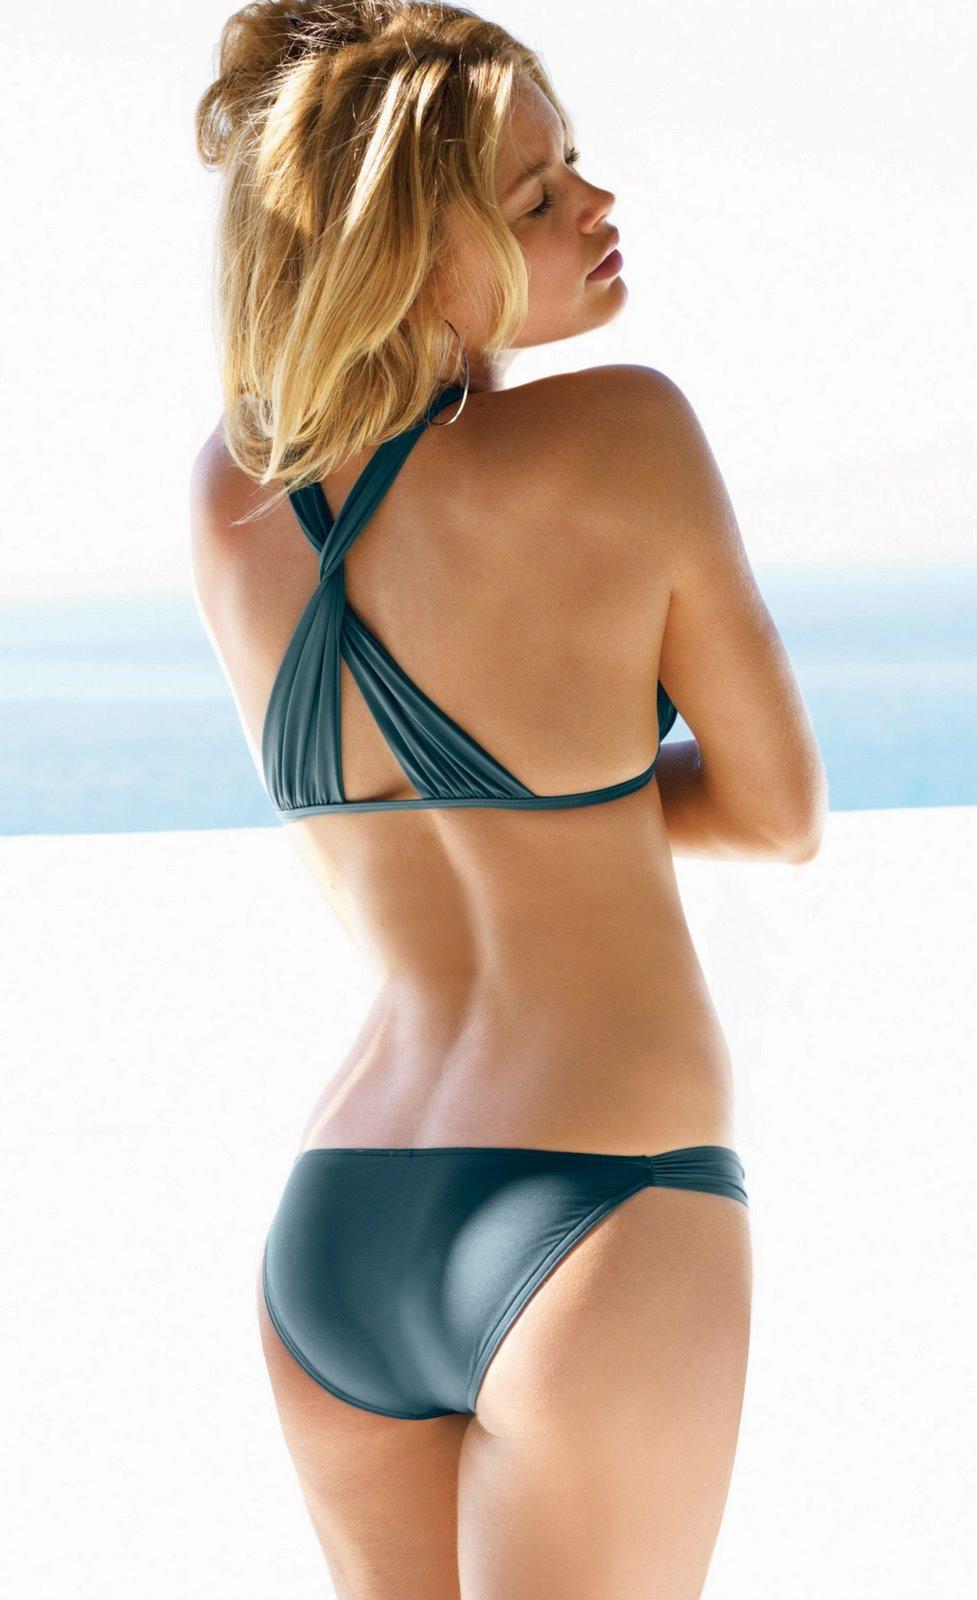 Kroes pic doutzen bikini